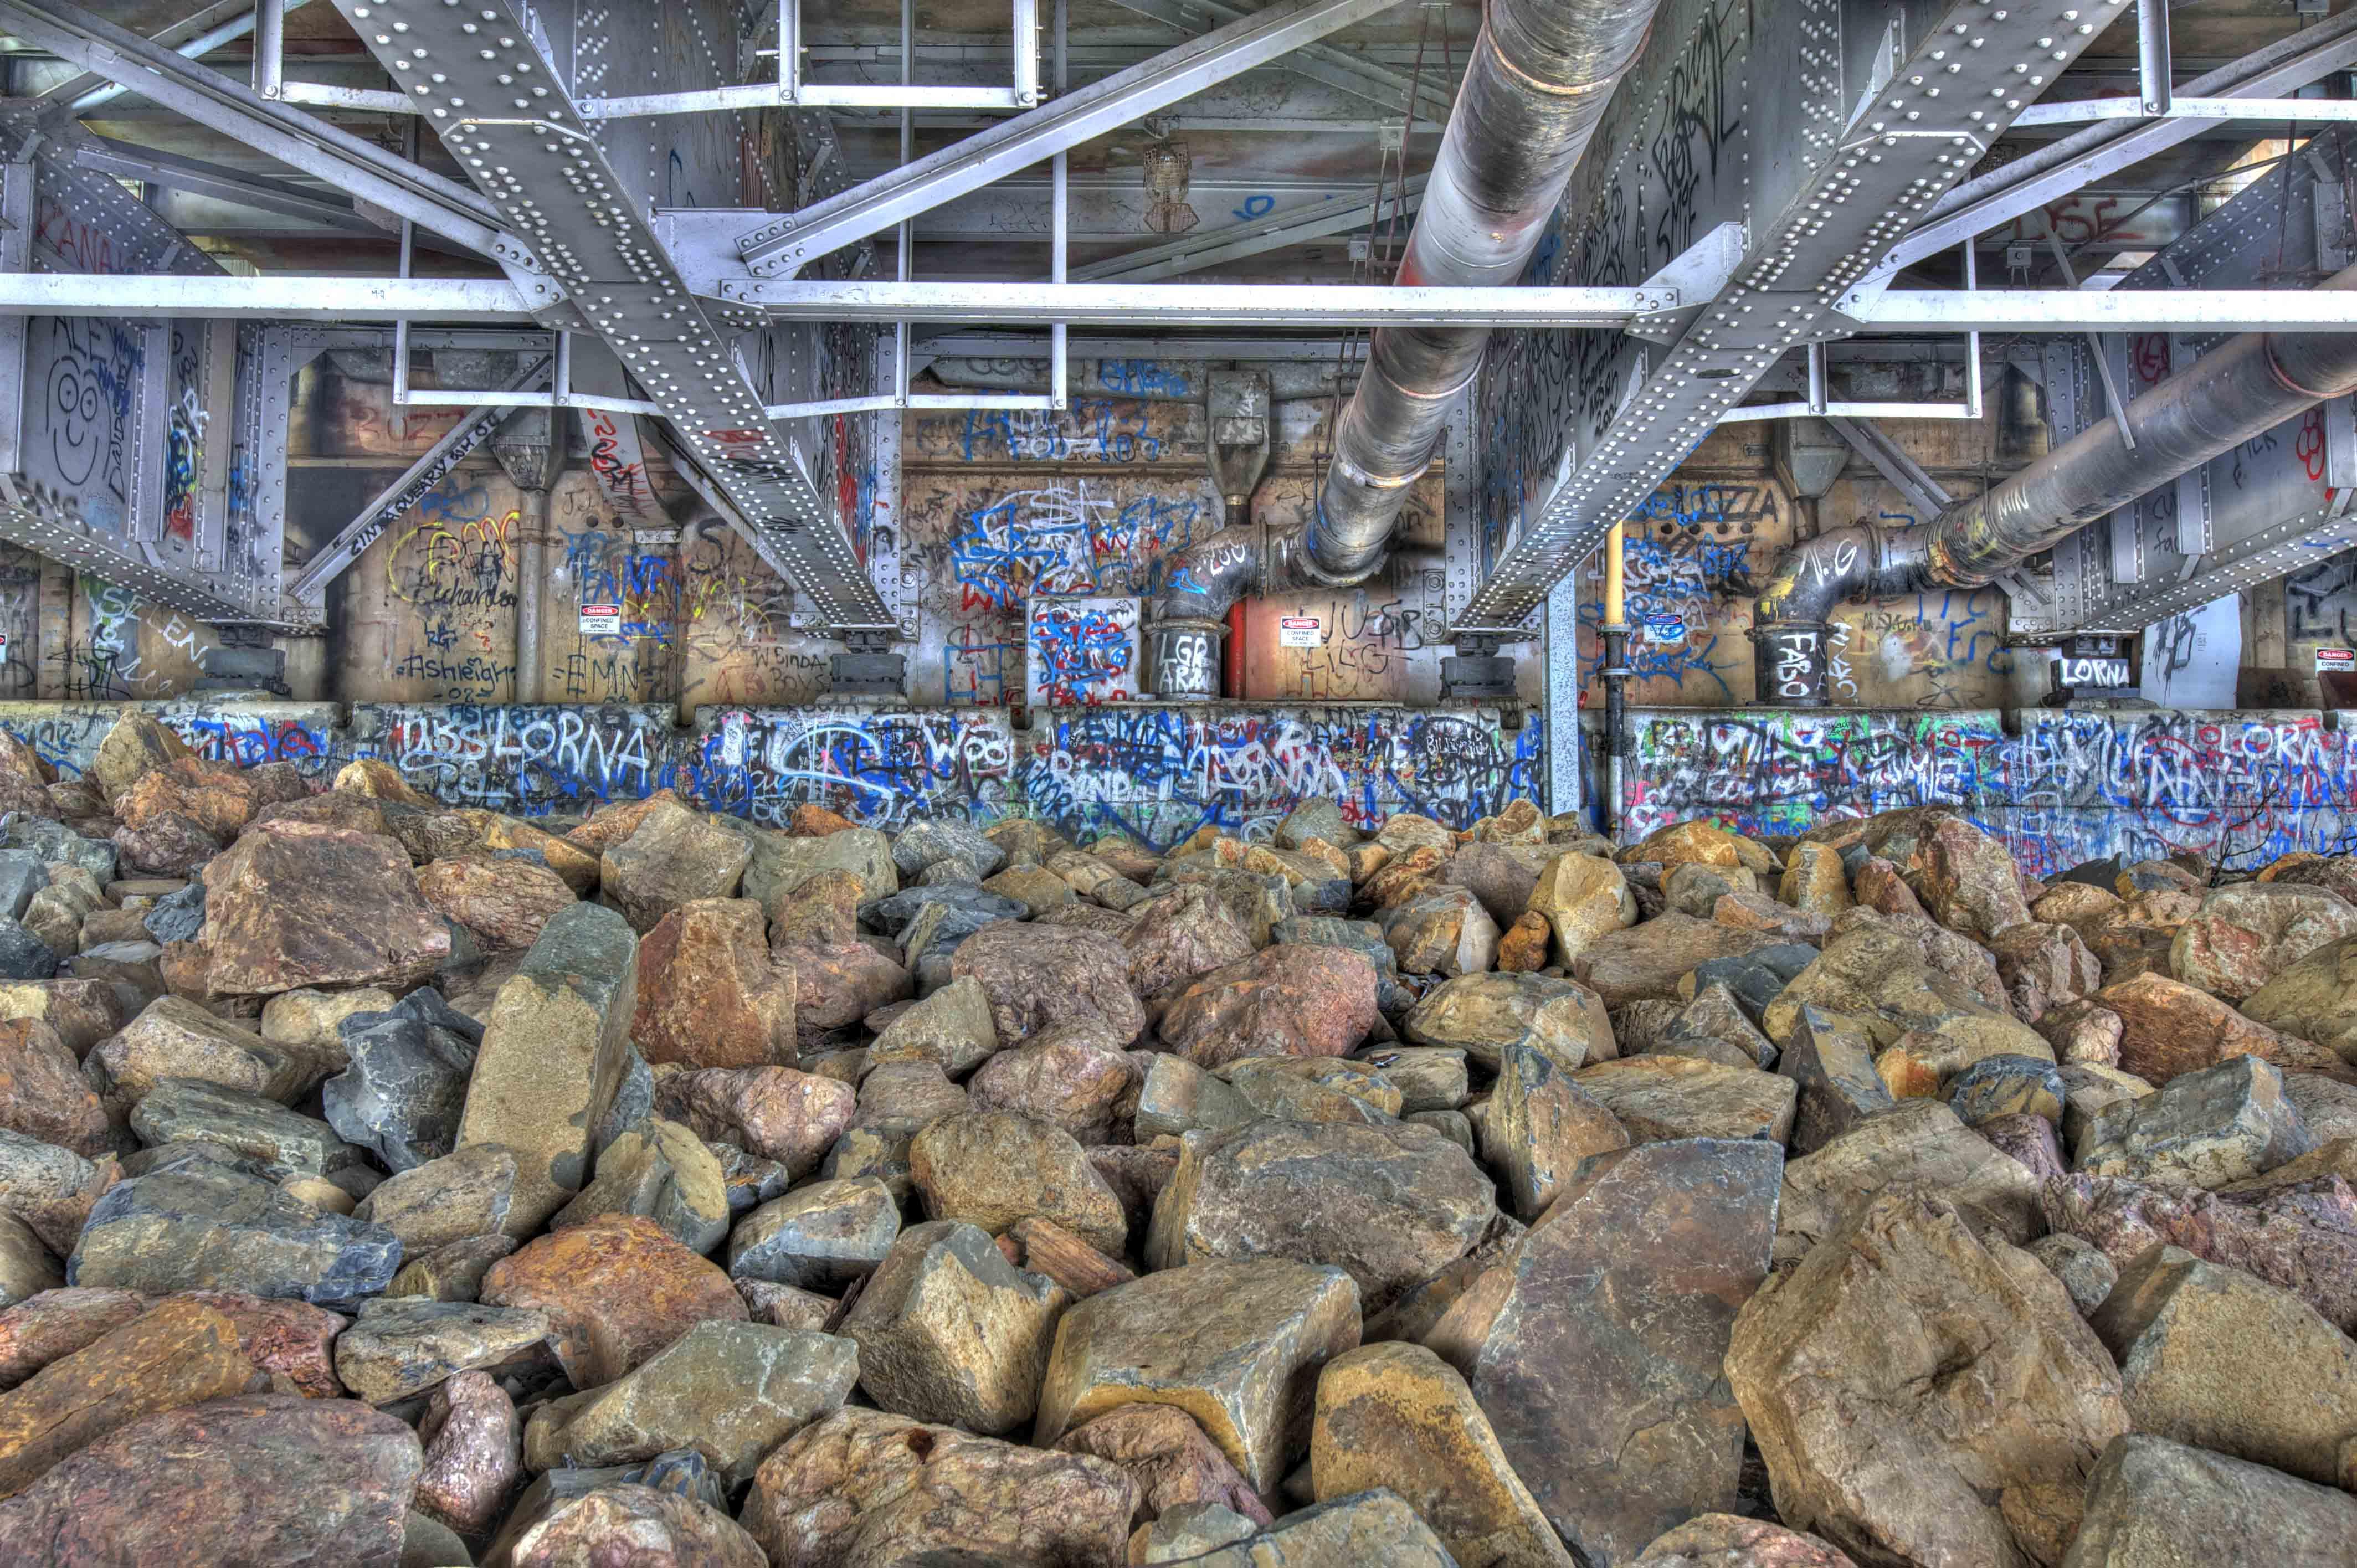 Graffiti HDR photo